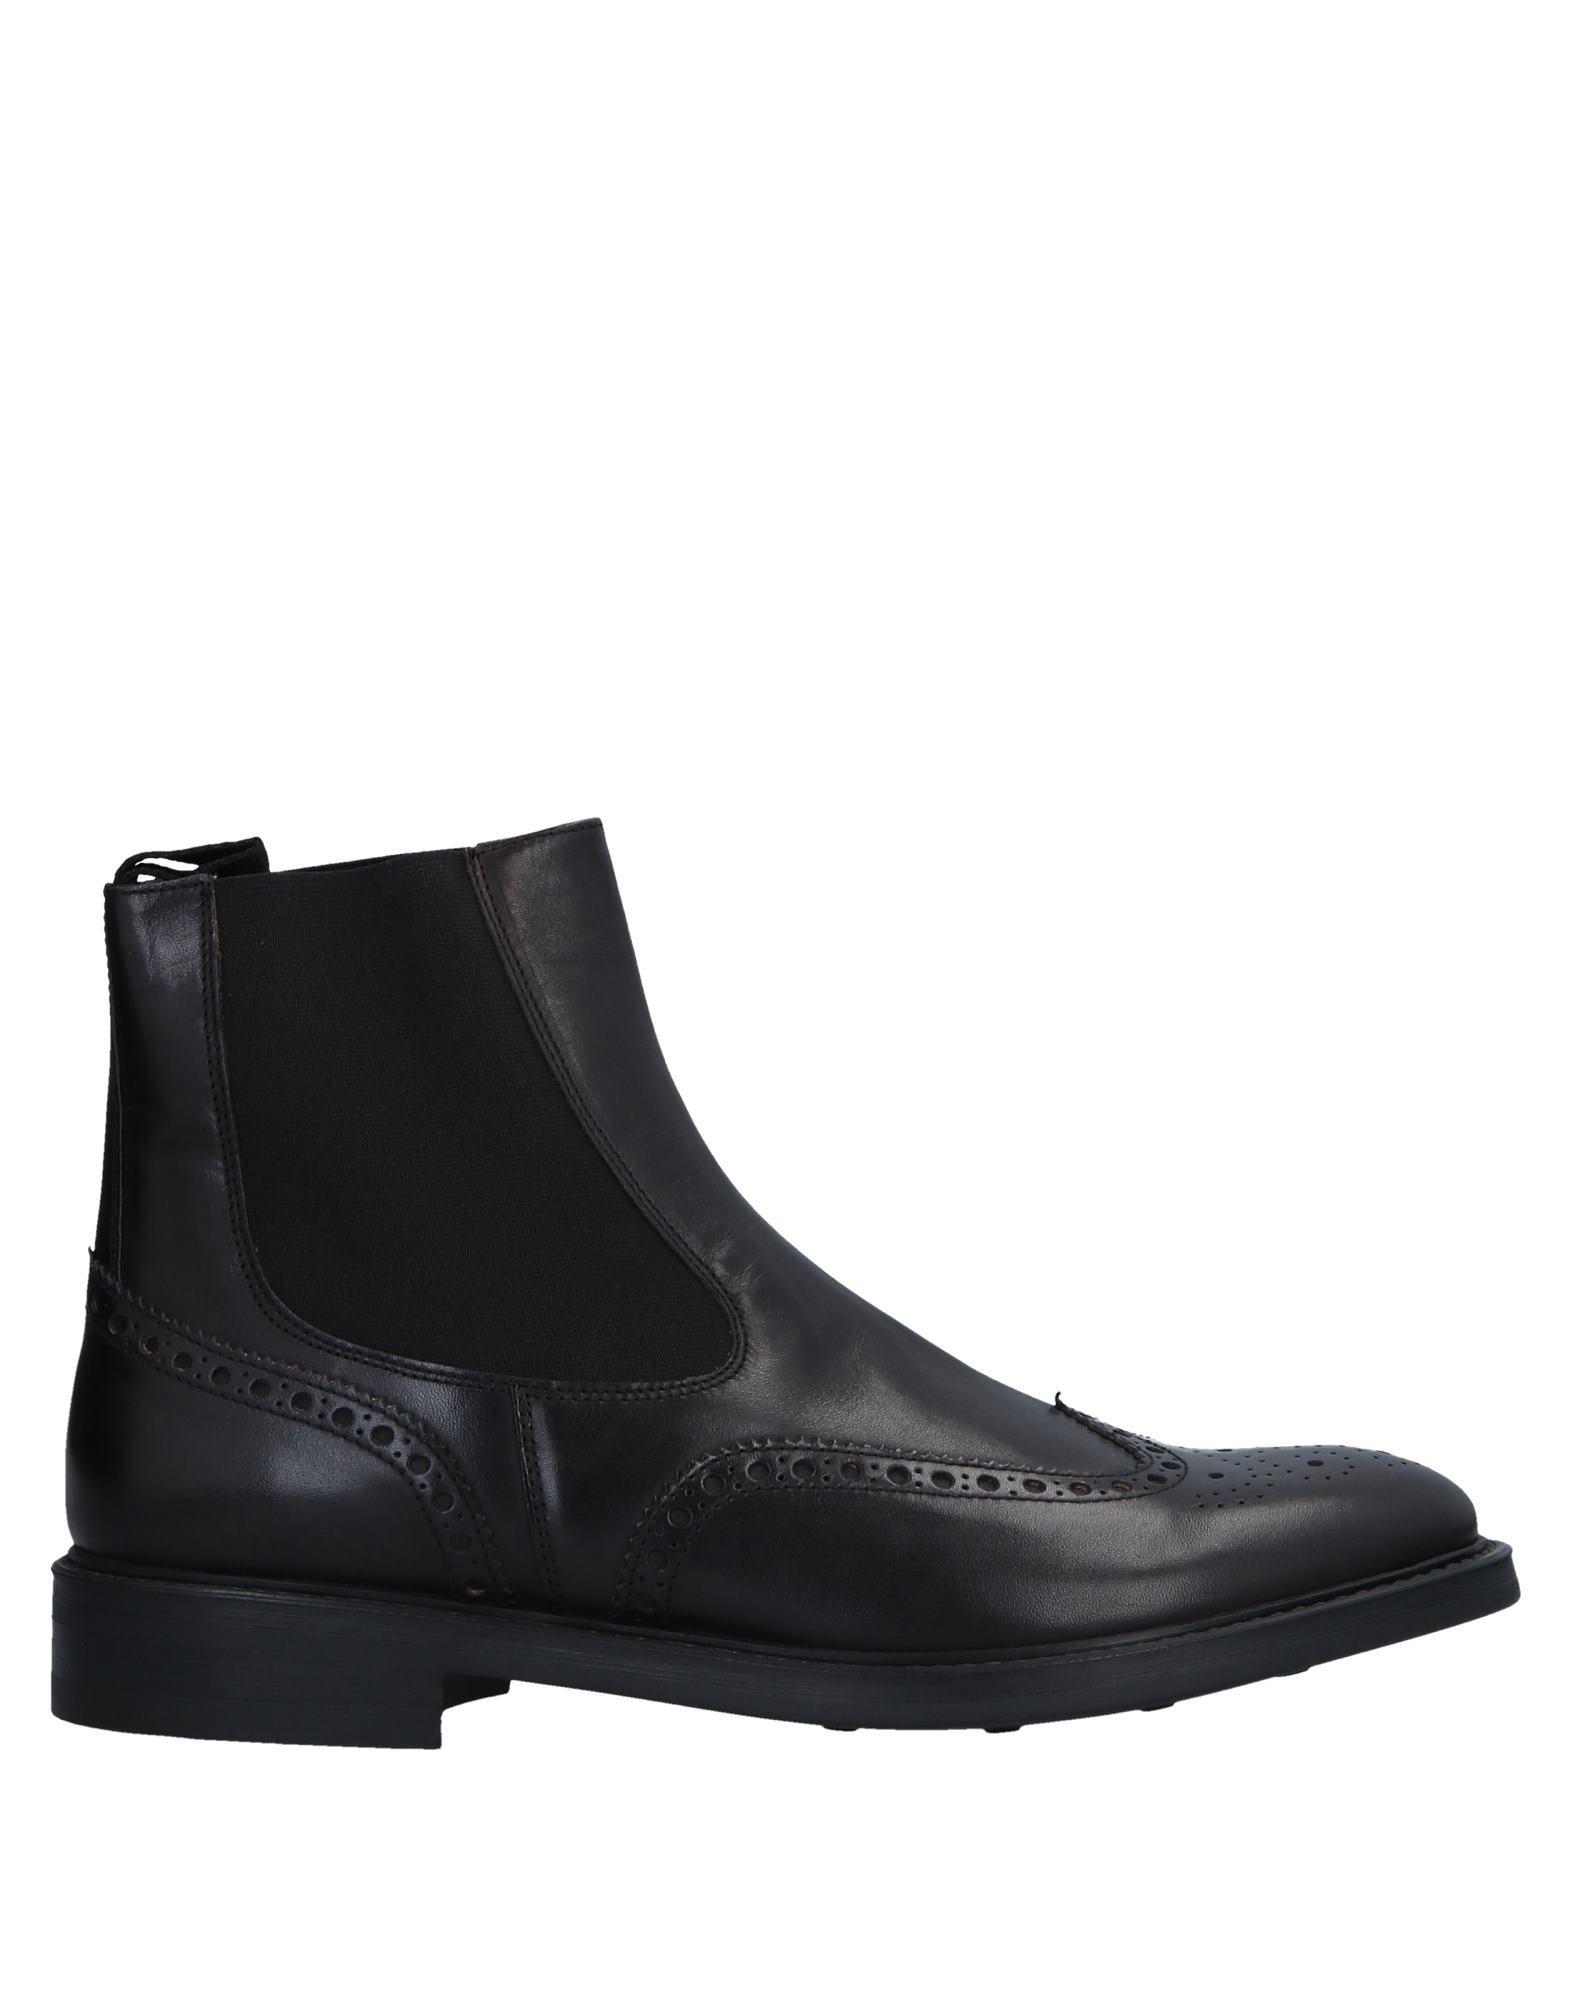 Rabatt echte Schuhe Anderson Stiefelette Herren  11521580FU